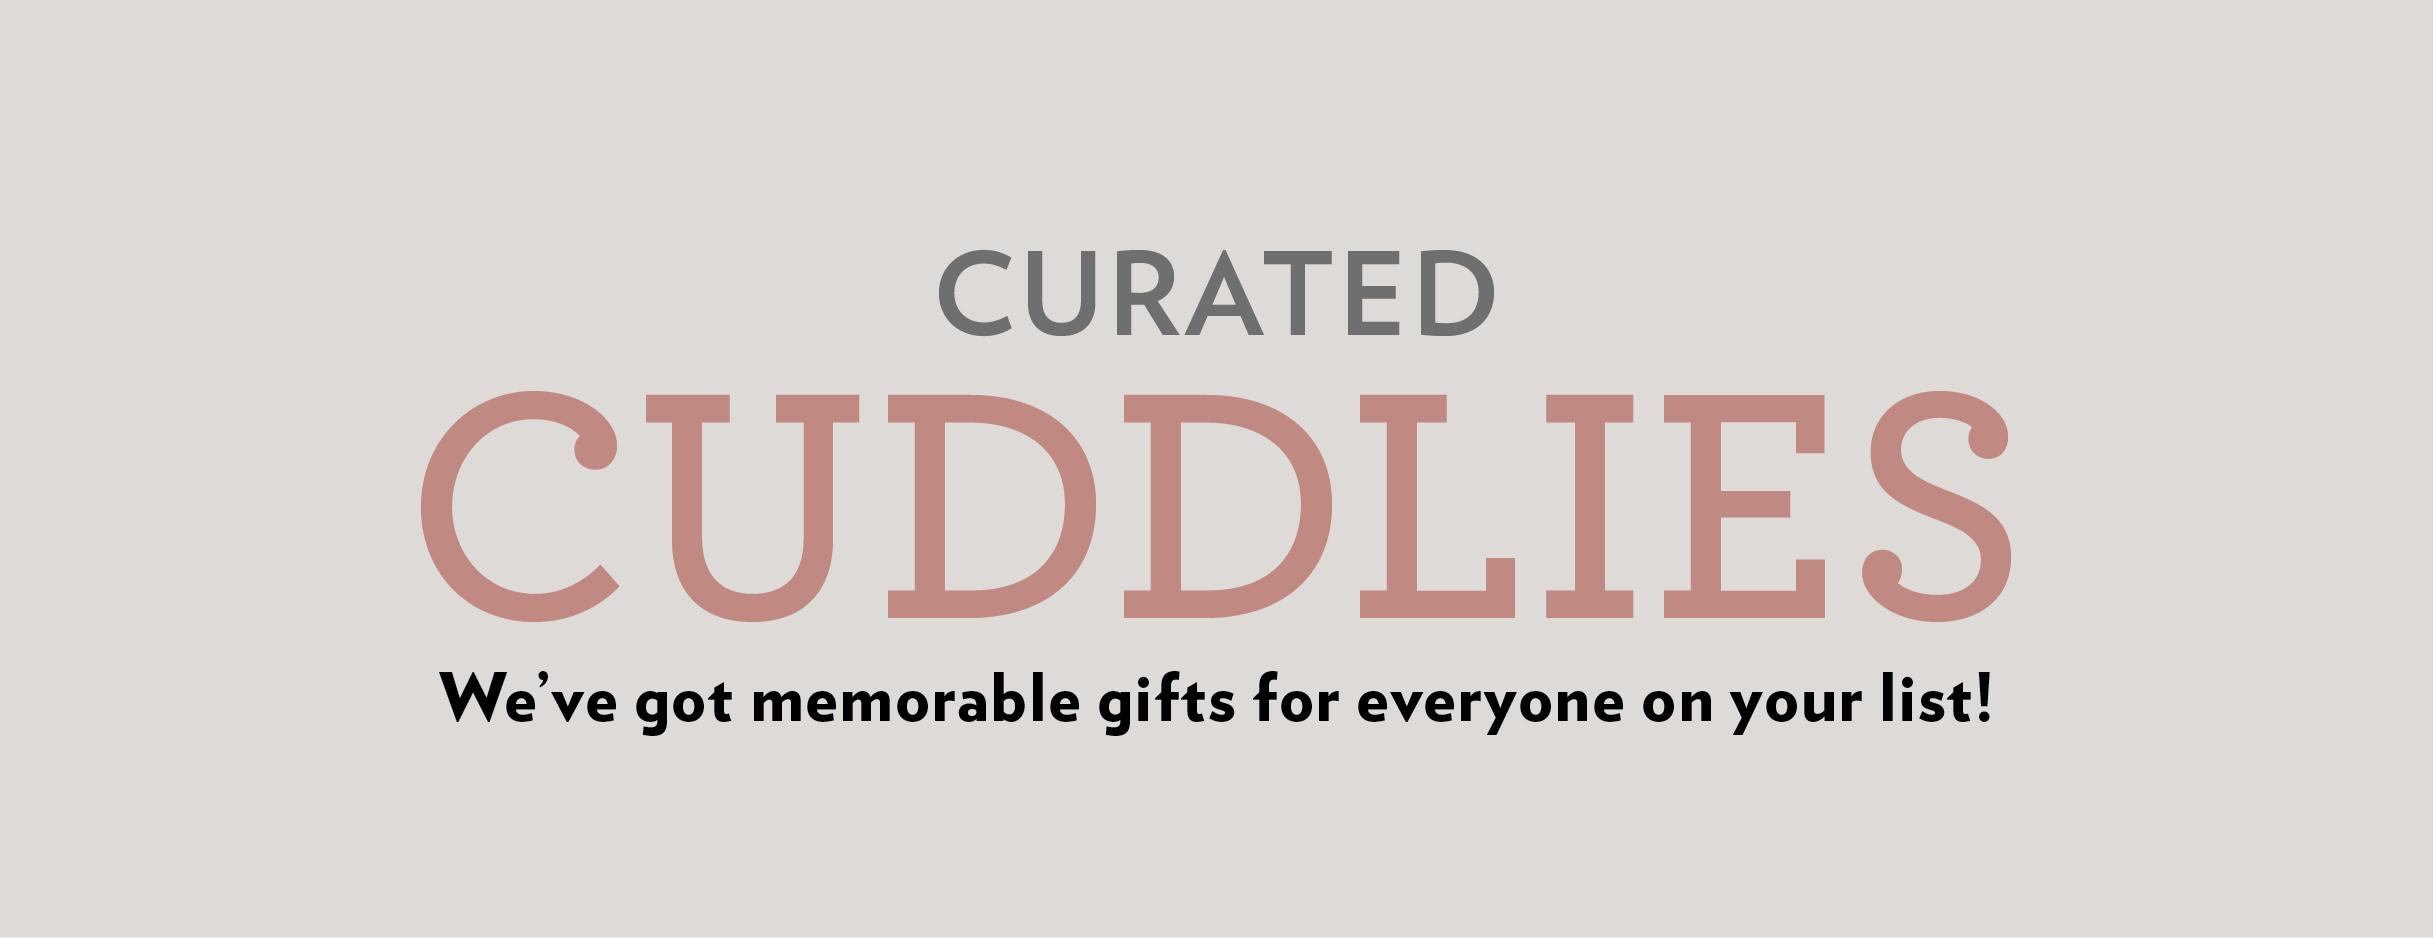 cuddles banner